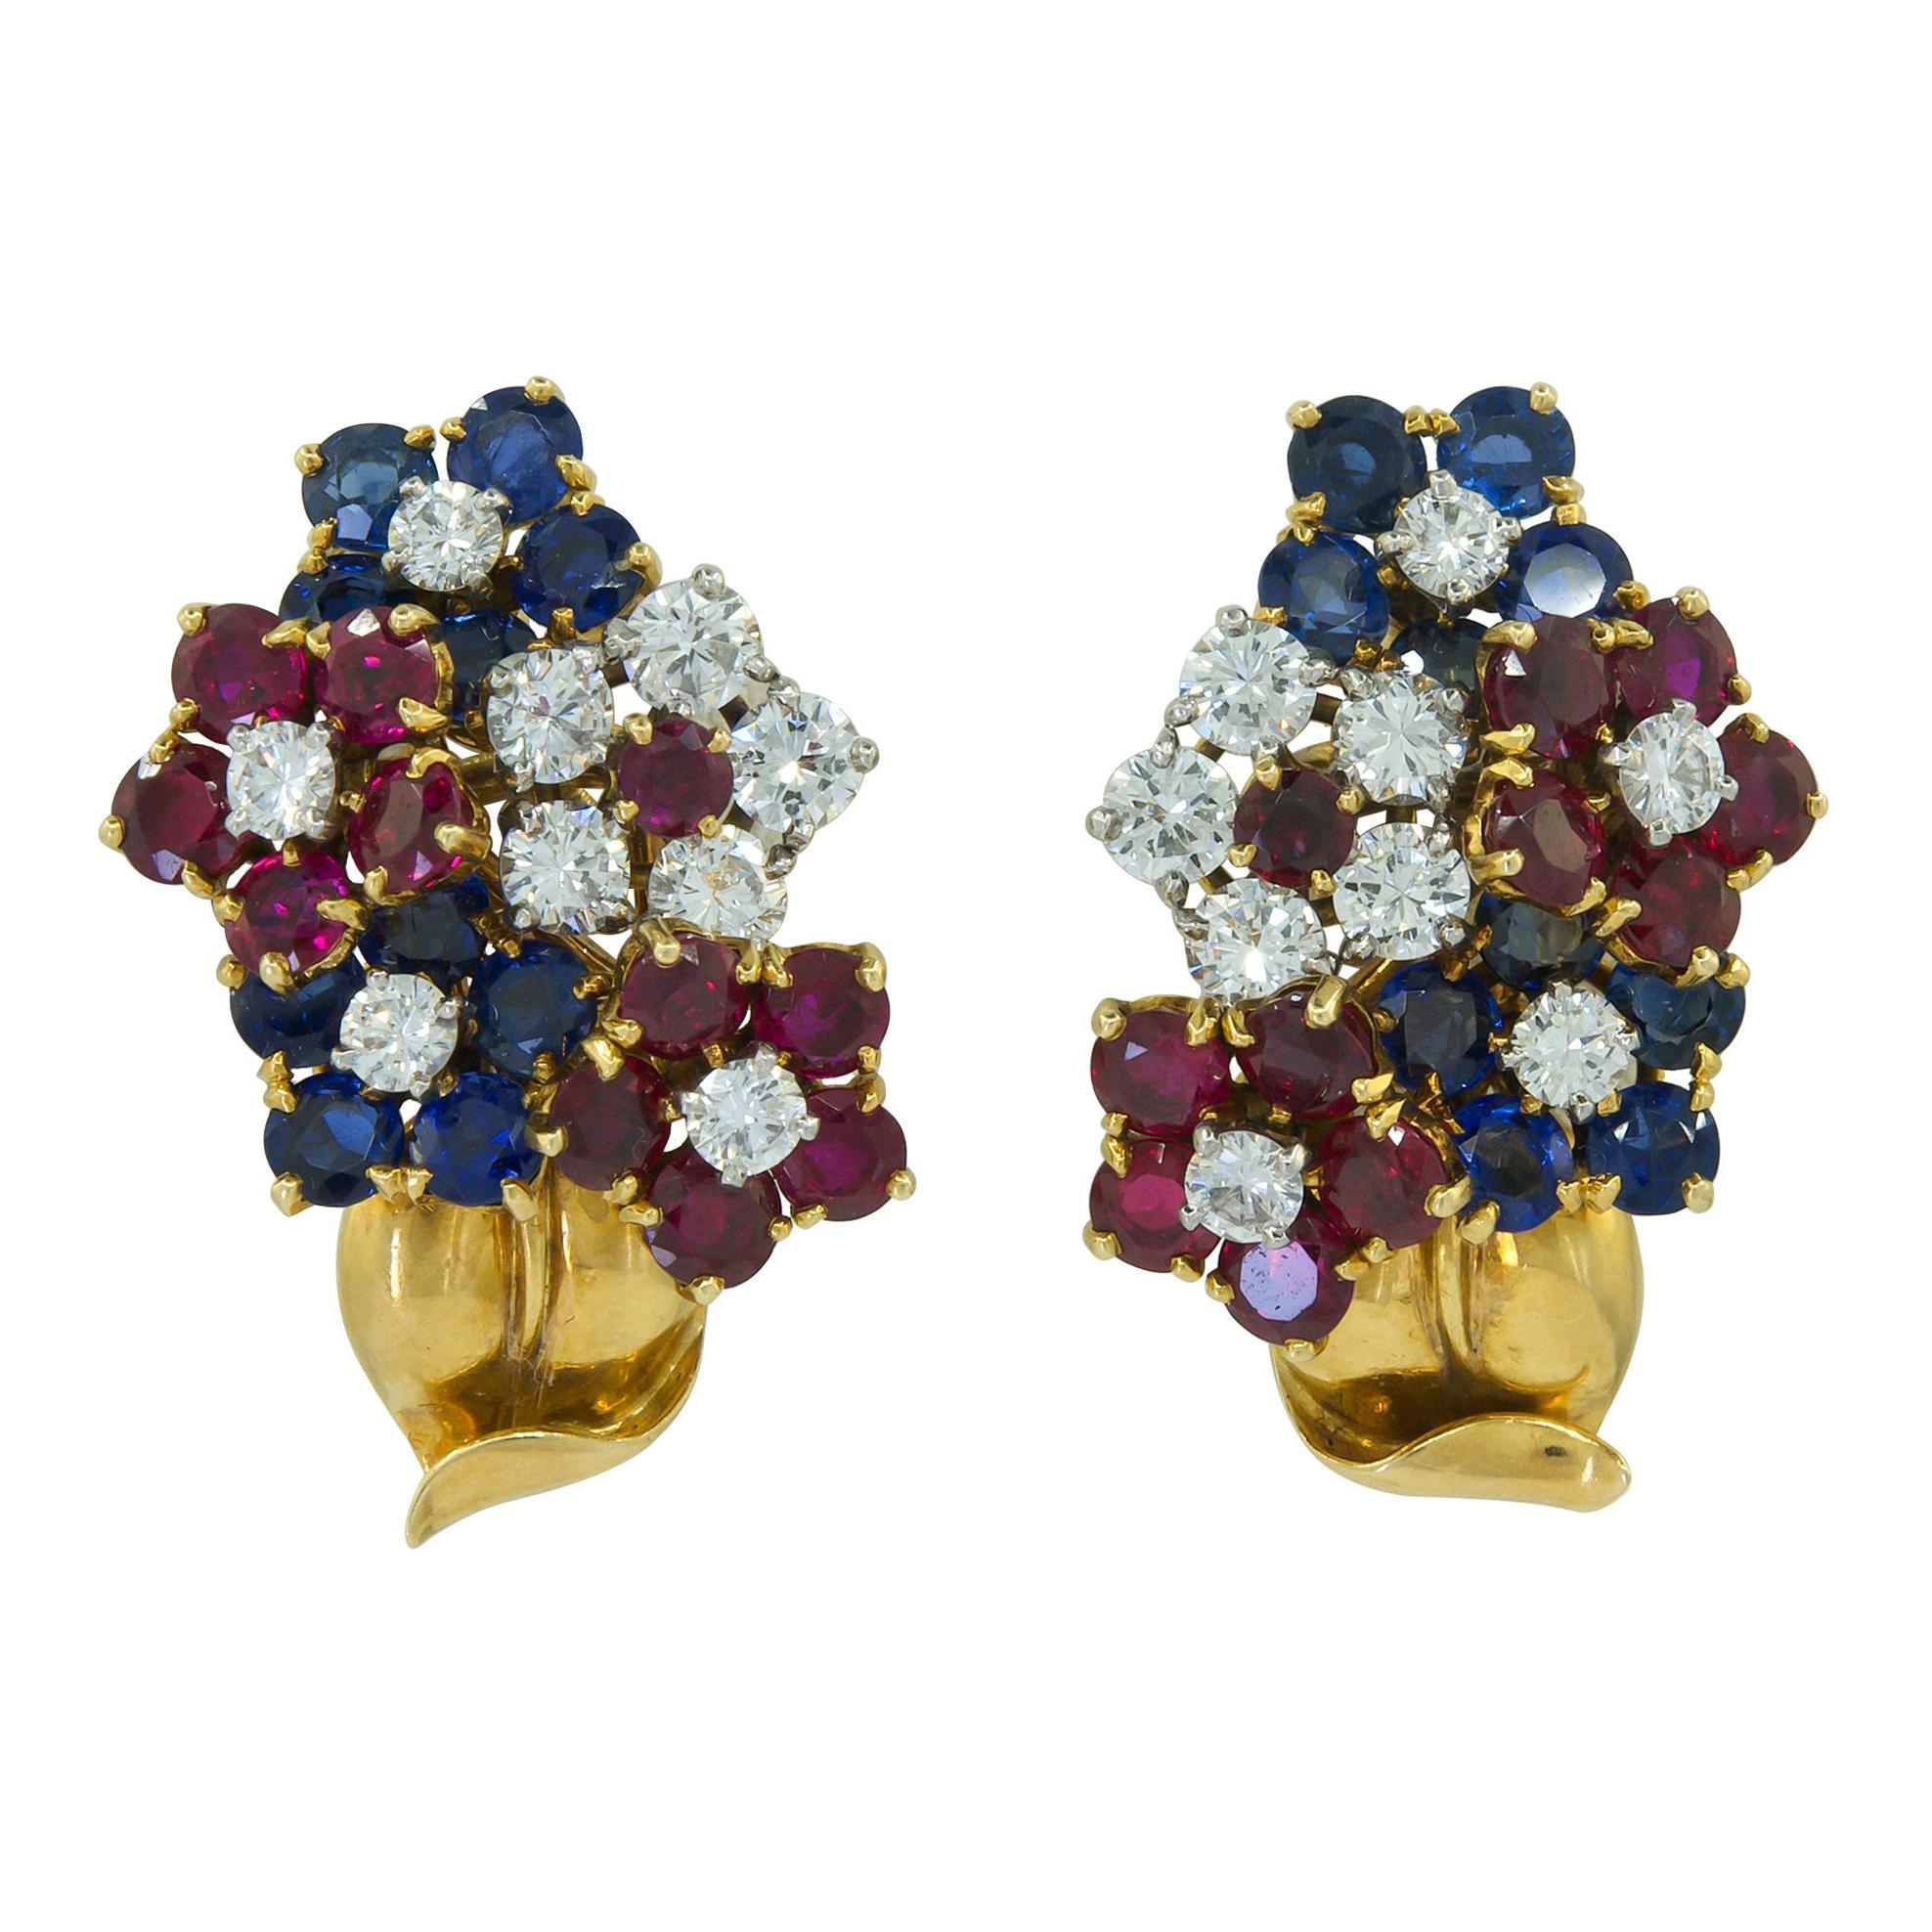 Van Cleef & Arpels Diamond, Ruby, Sapphire Bouquet Flowers Earrings